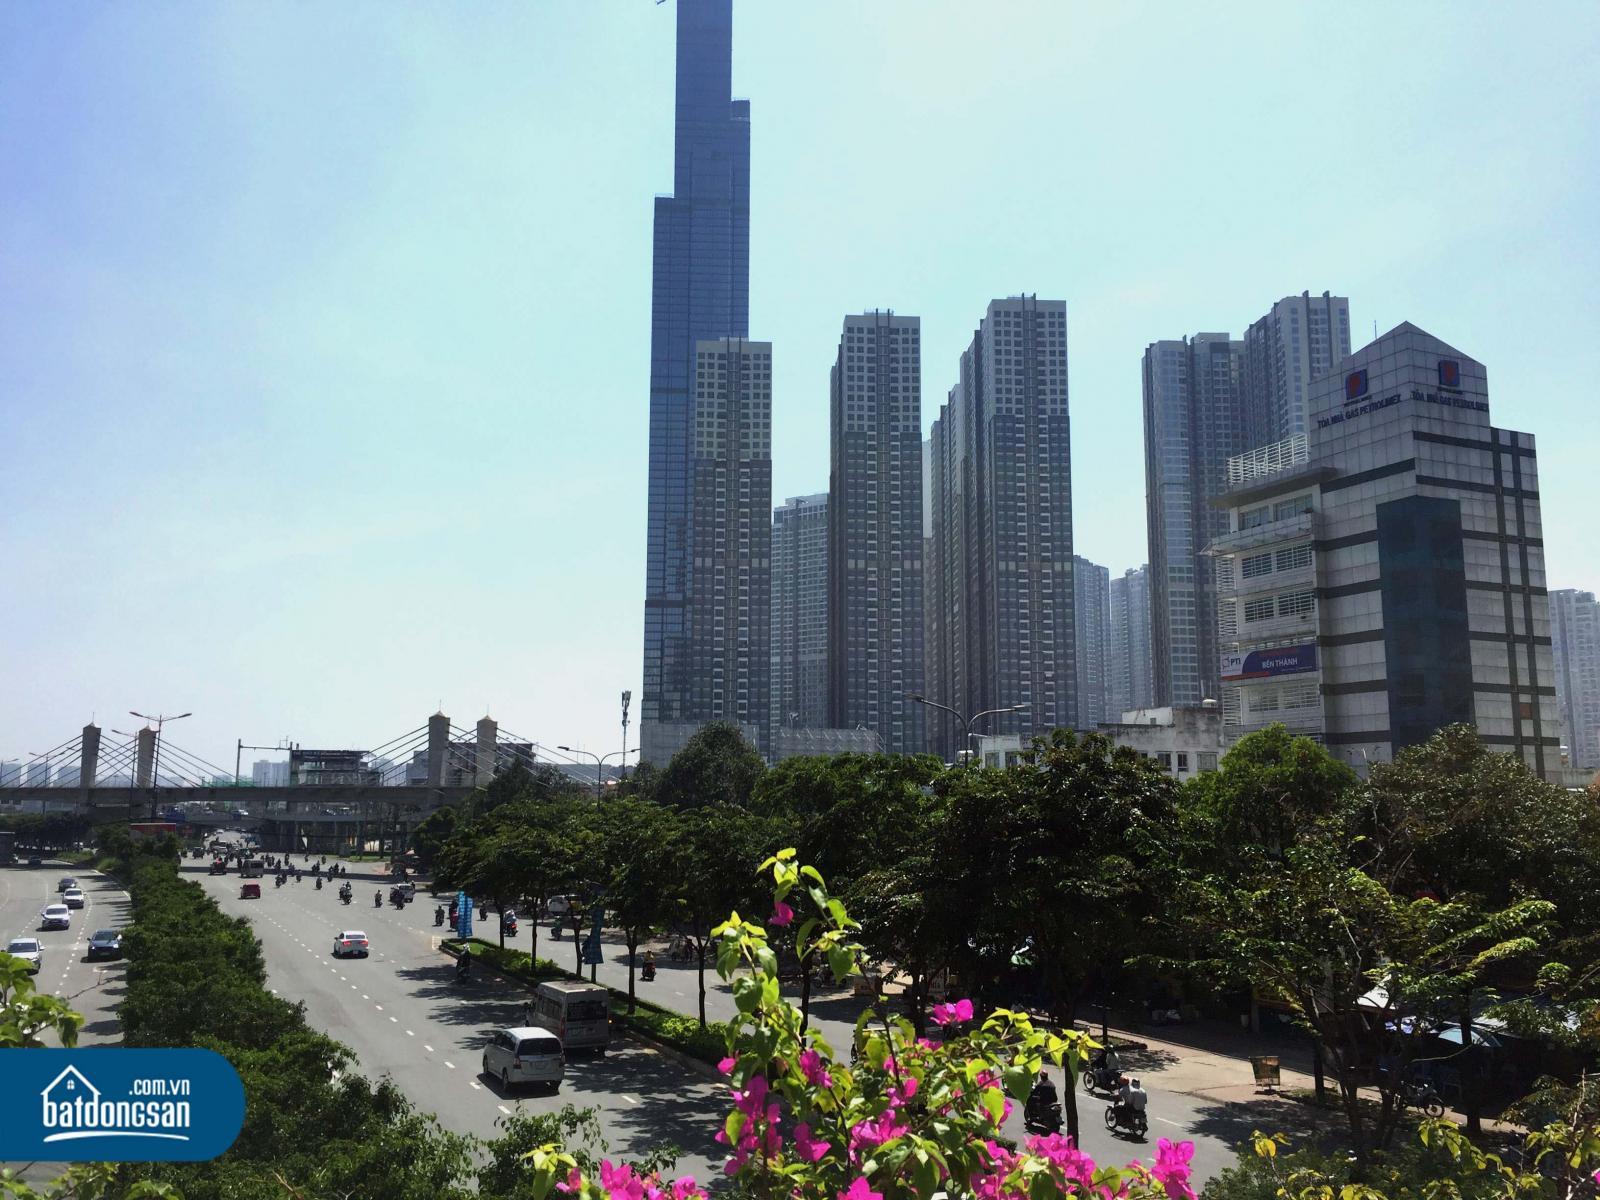 Con đường lớn nhiều làn xe có các hàng cây, bên cạnh là những tòa nhà cao tầng.